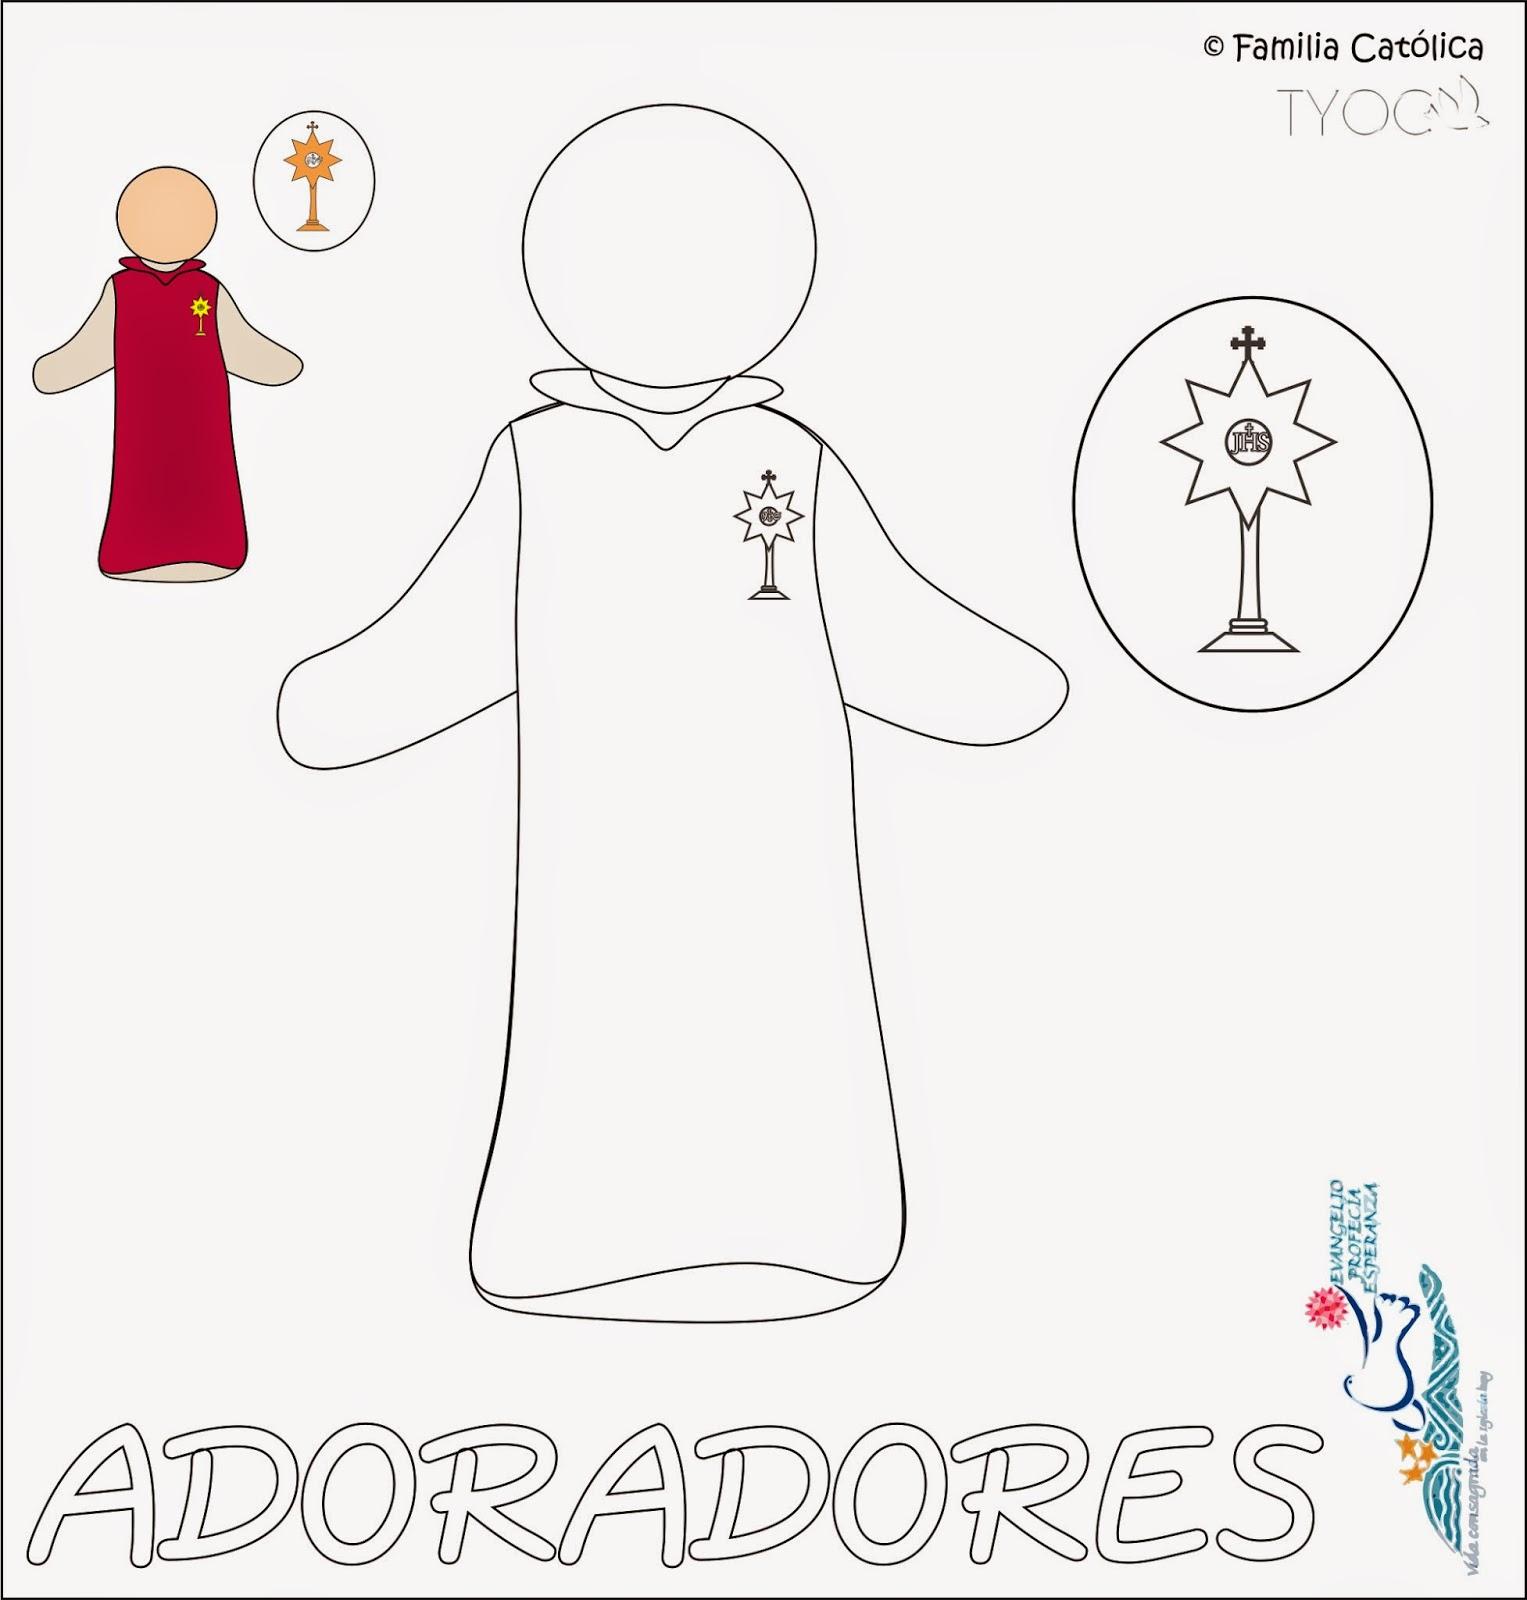 TARJETAS Y ORACIONES CATOLICAS: AÑO DE LA VIDA CONSAGRADA PARA COLOREAR